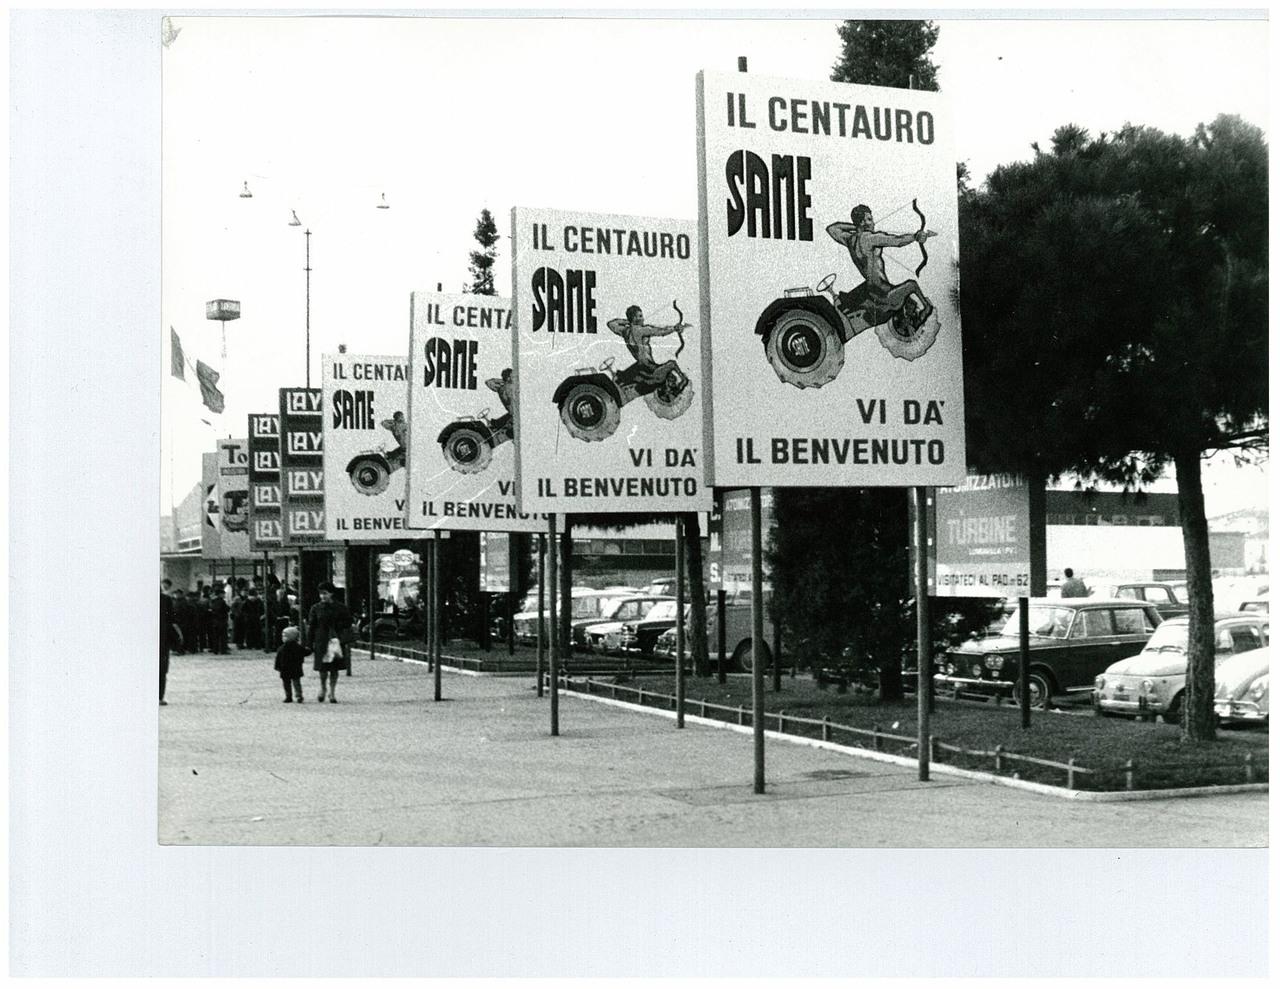 Fiera di Verona - Cartelloni pubblicitari del trattore SAME Centauro